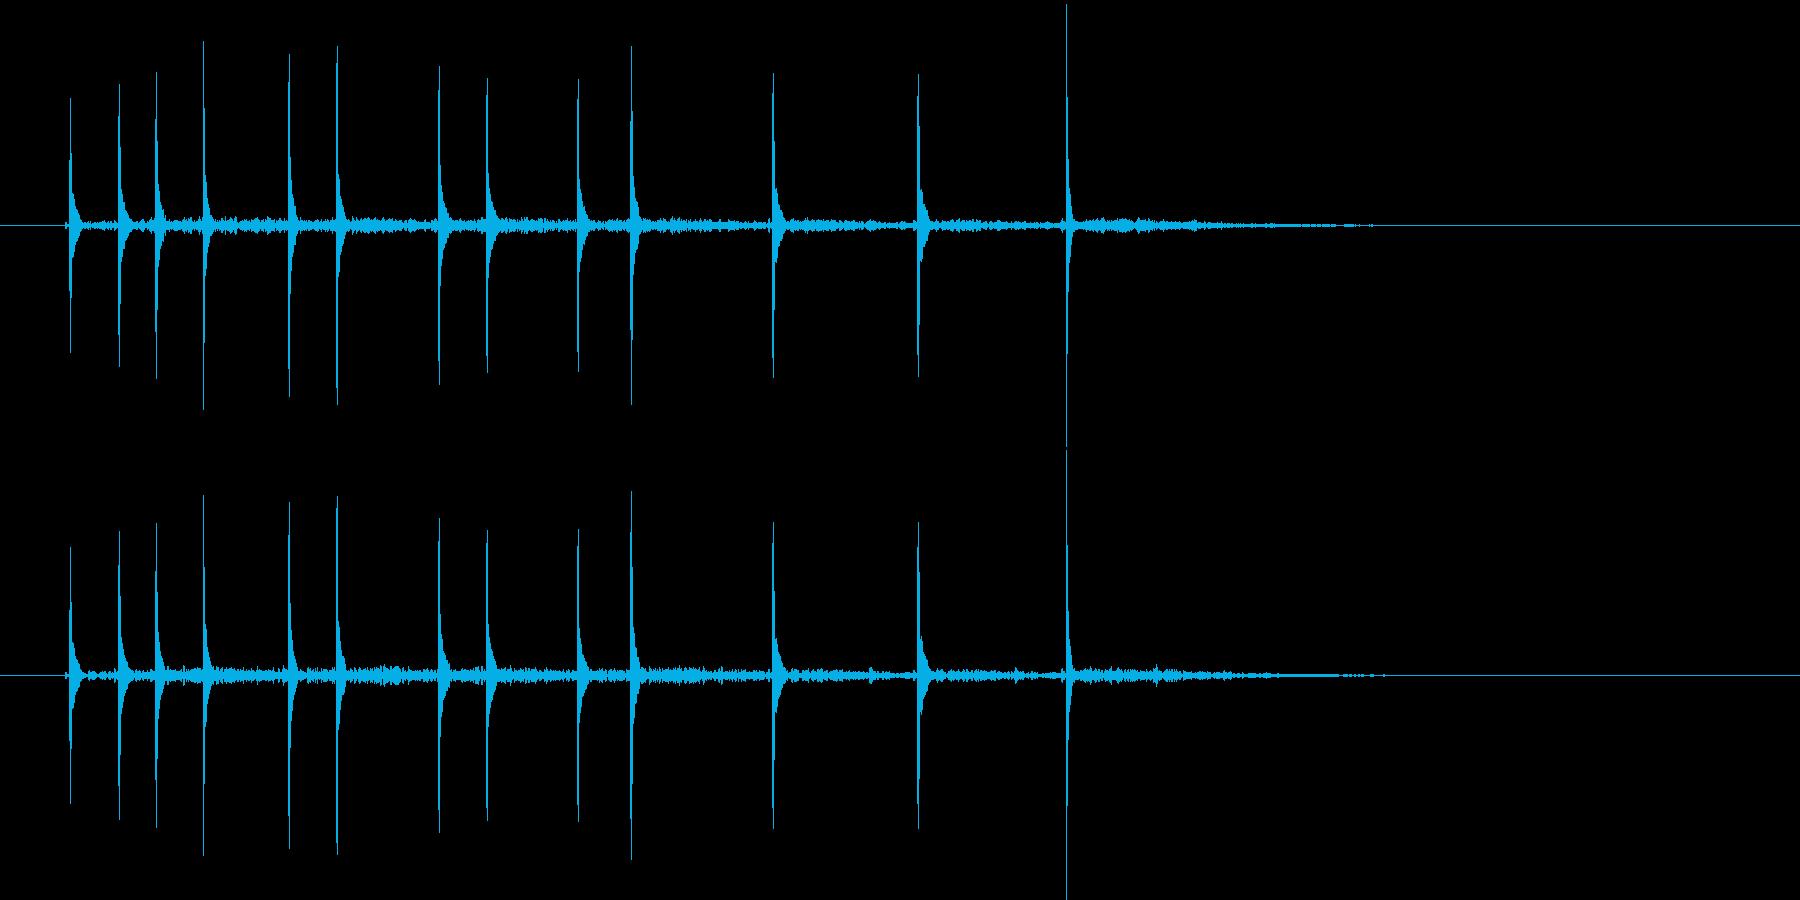 コココッココーチン(ハネ感のある効果音)の再生済みの波形